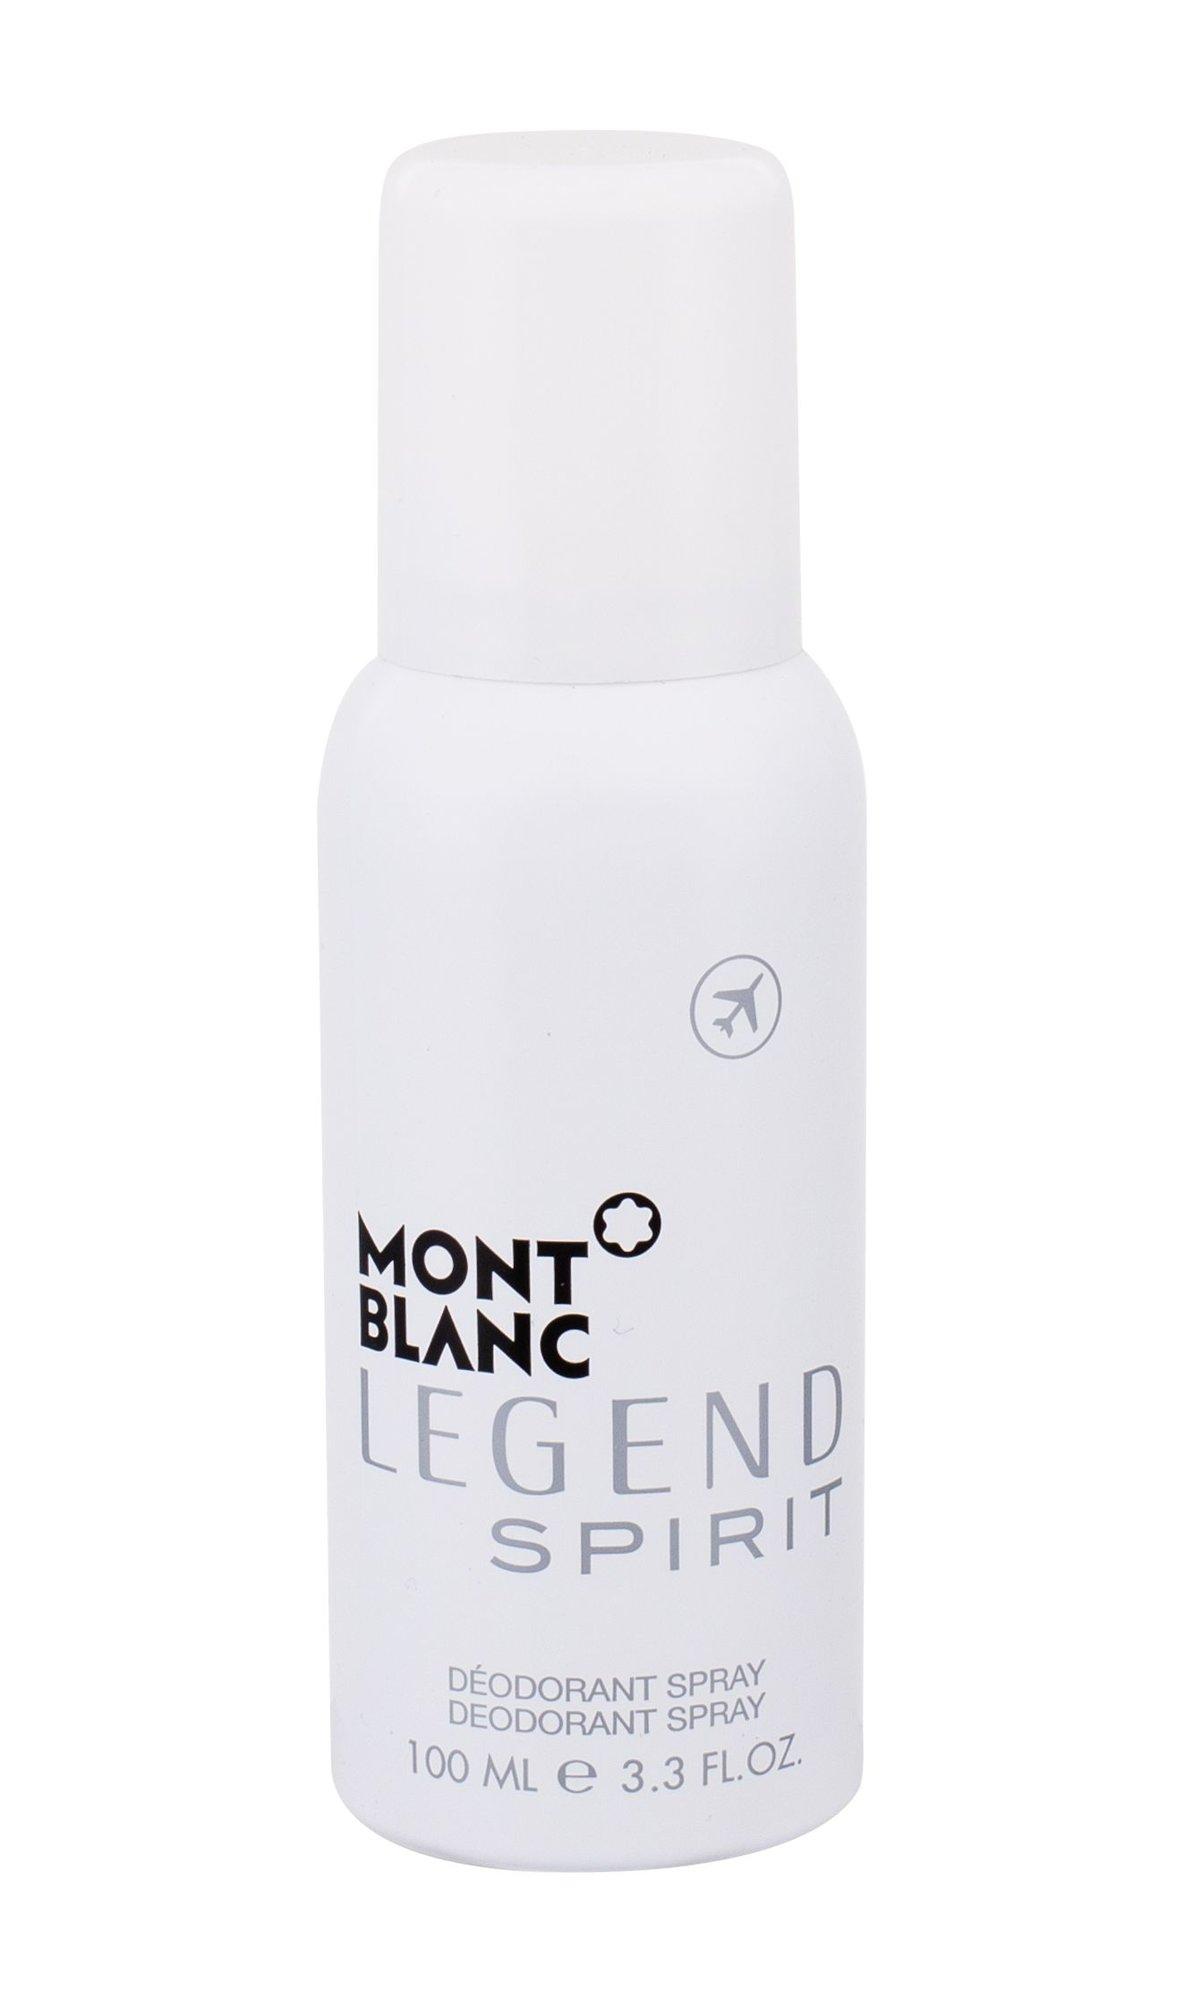 Montblanc Legend Spirit Deodorant 100ml